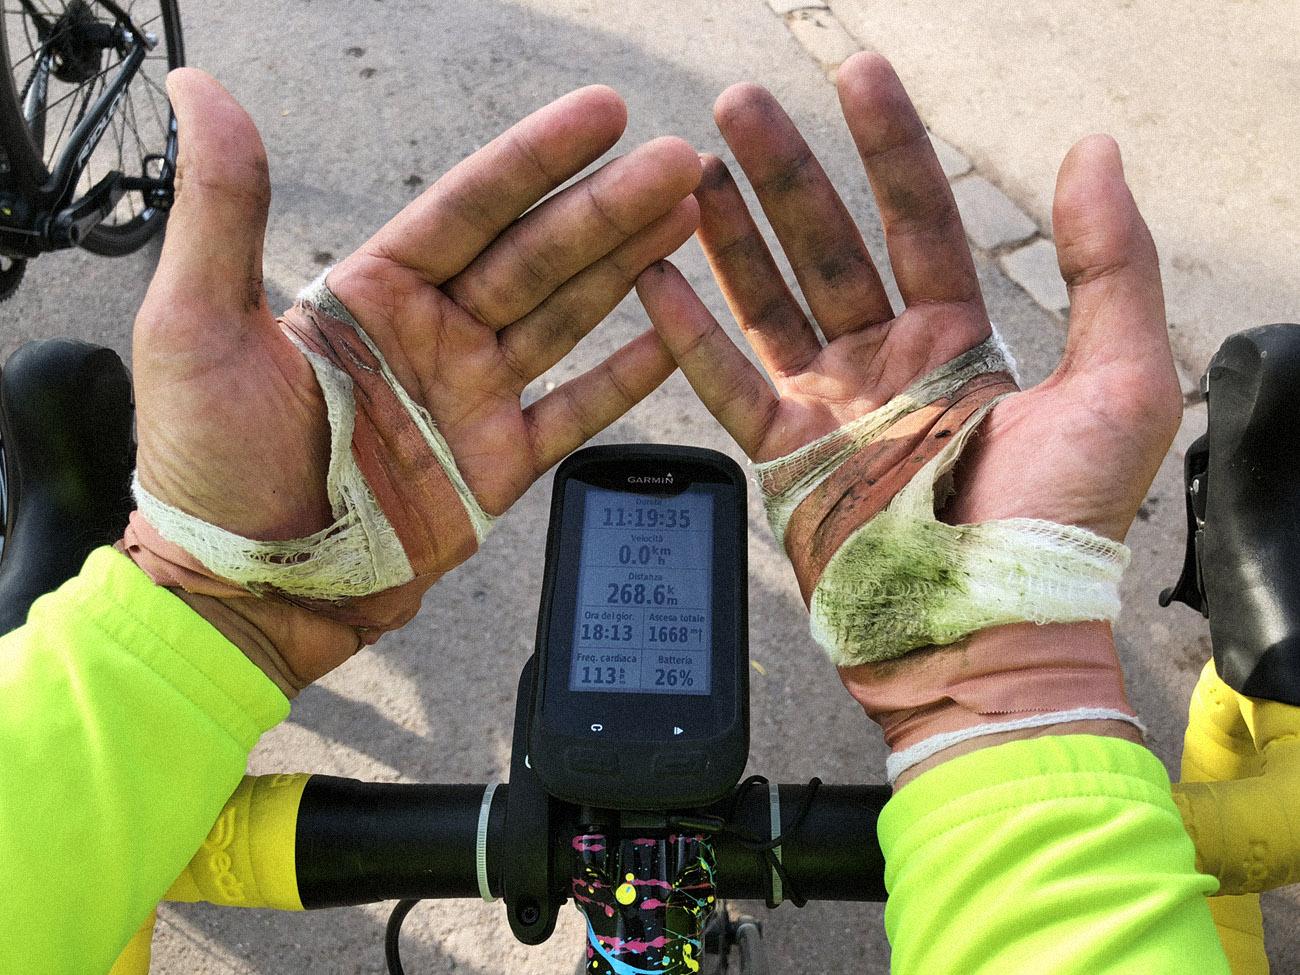 Le mani di Vitto - Cicloidi blog